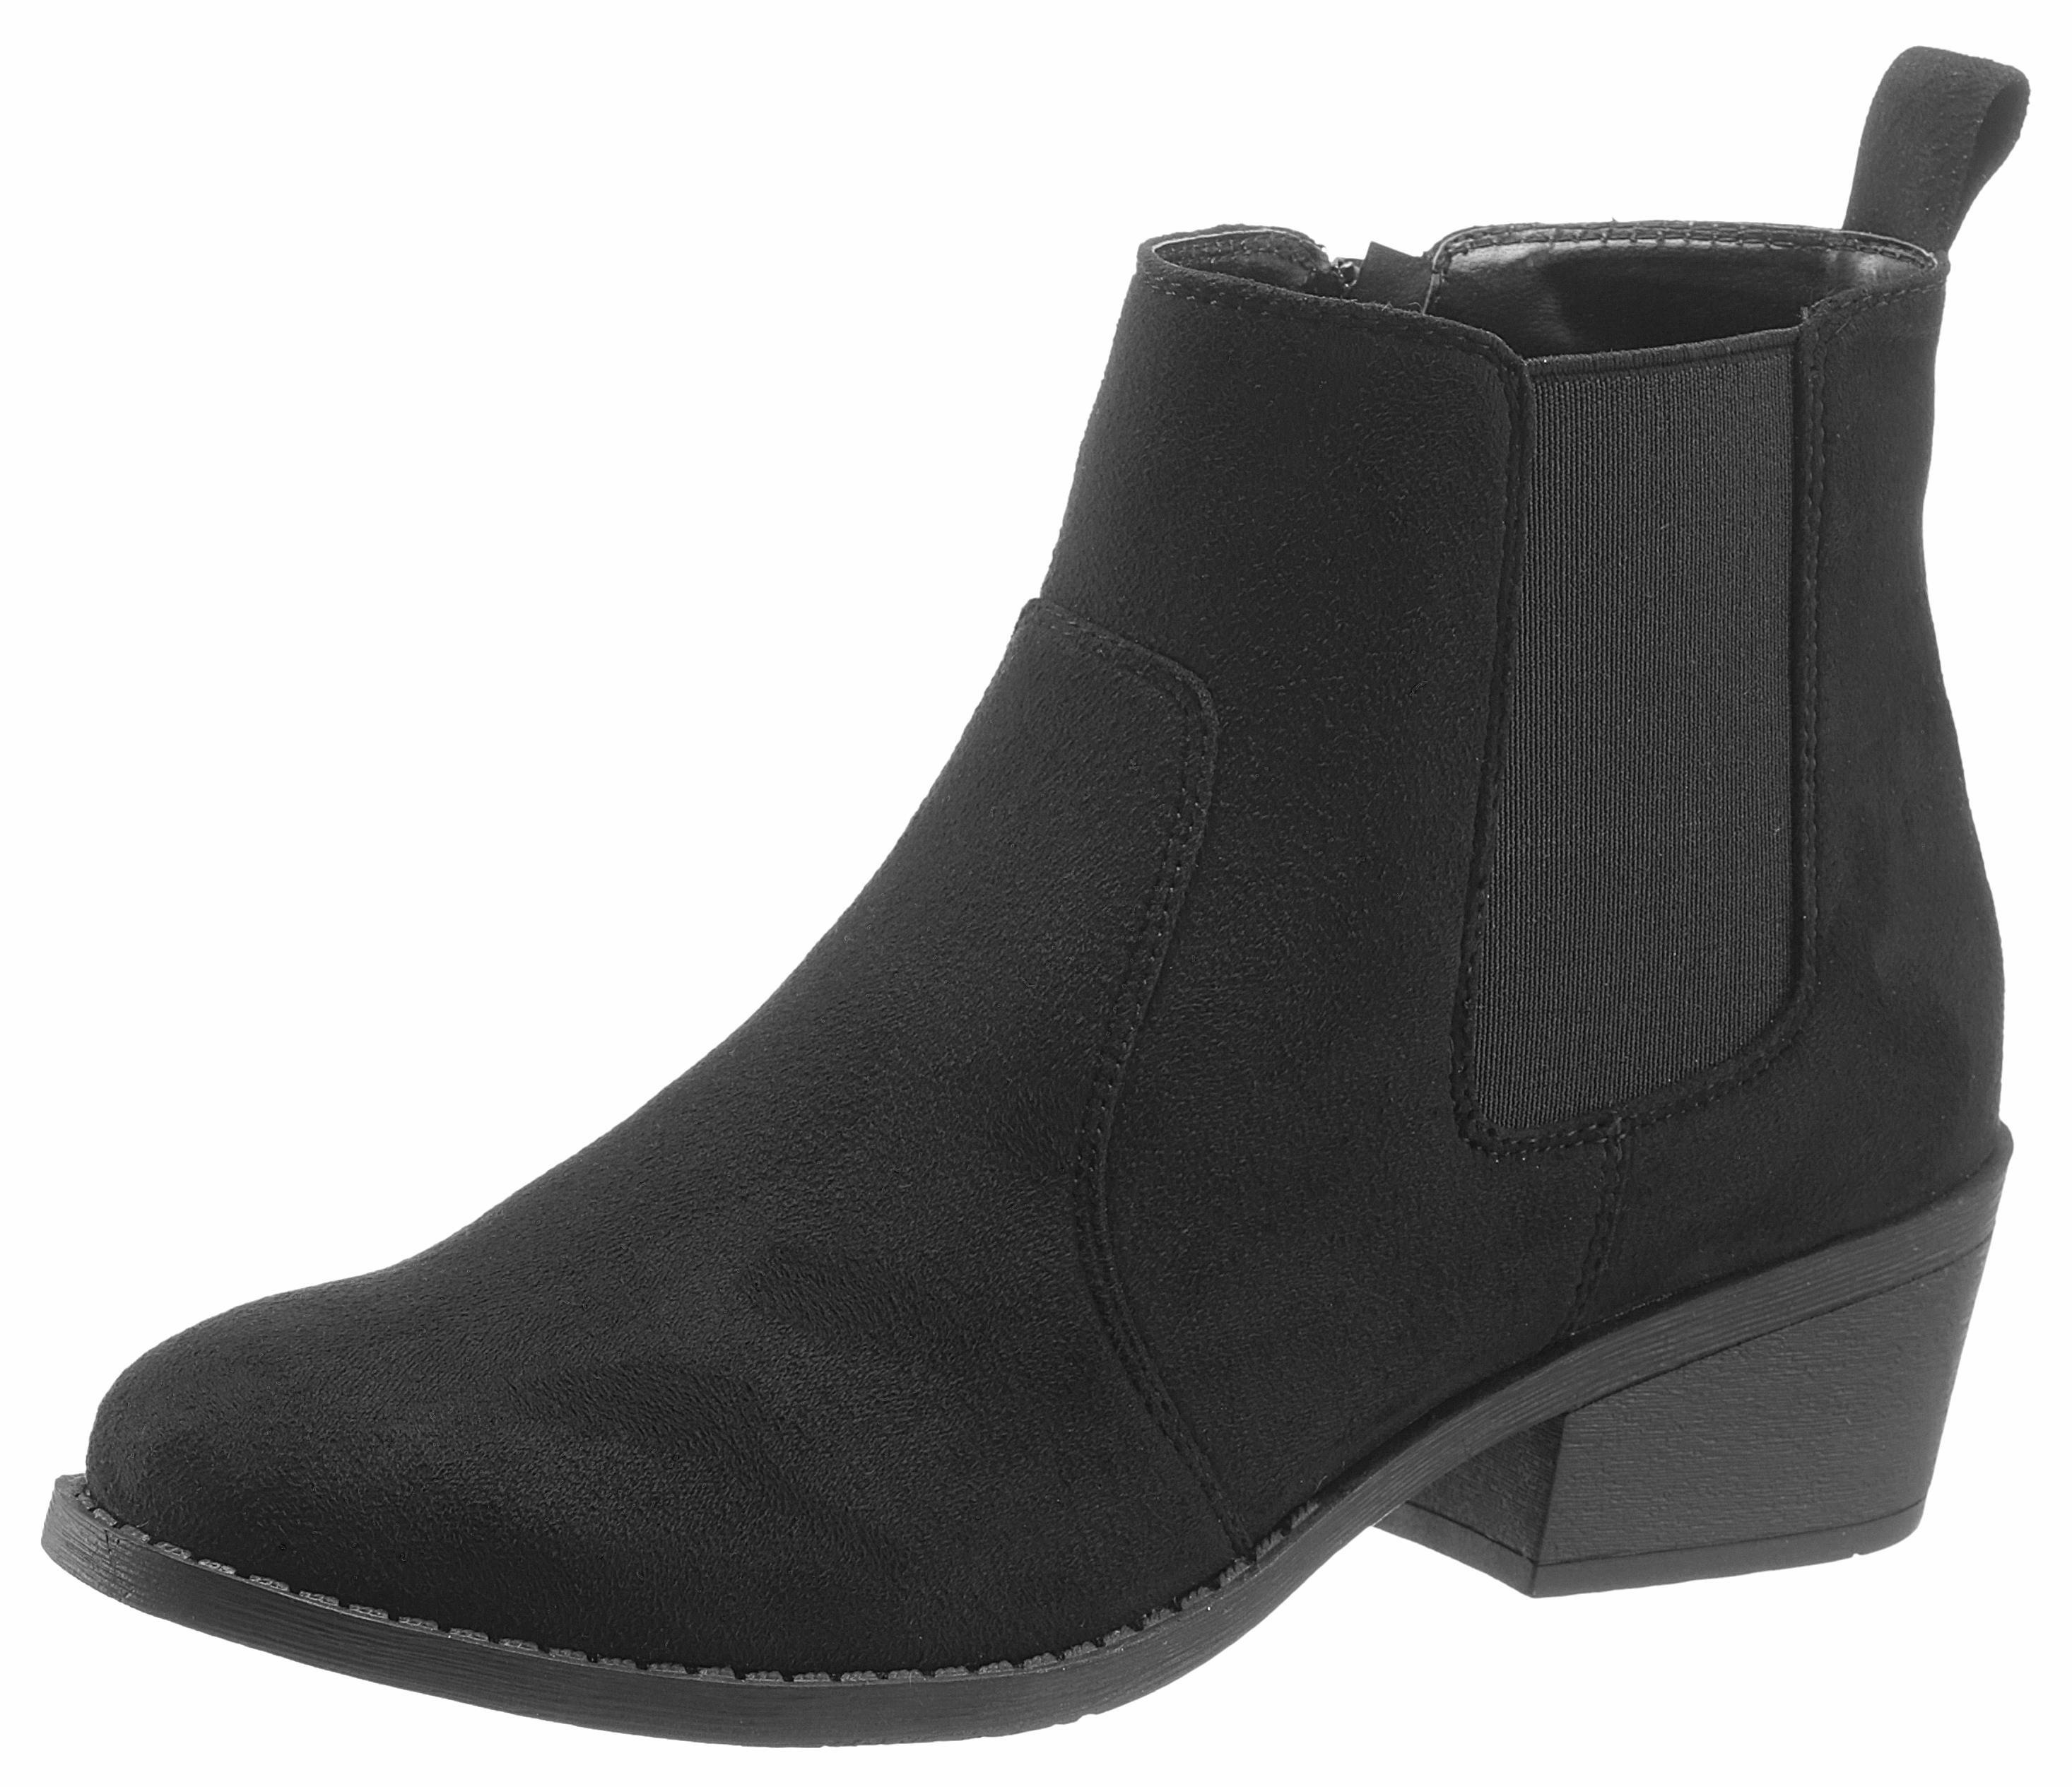 CITY WALK Chelsea-boots met een breed elastiek veilig op otto.nl kopen